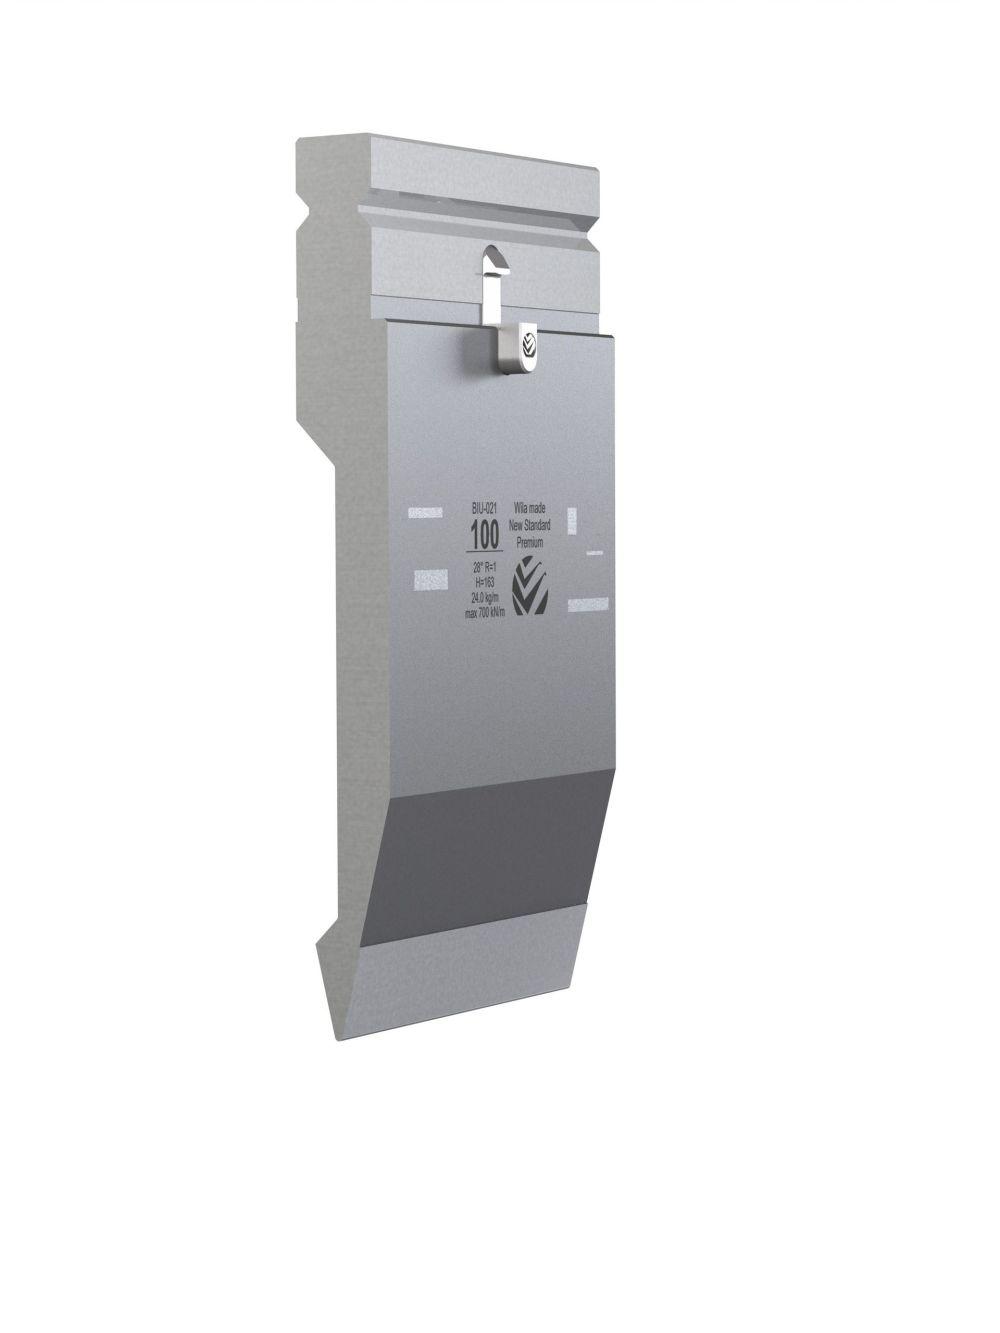 WILA BIU-021/1 New Standard Premium Top Tool H=163mm, a=28°, R=1mm, max.load: 70ton/m 515mm - OPEN BOX, NEW